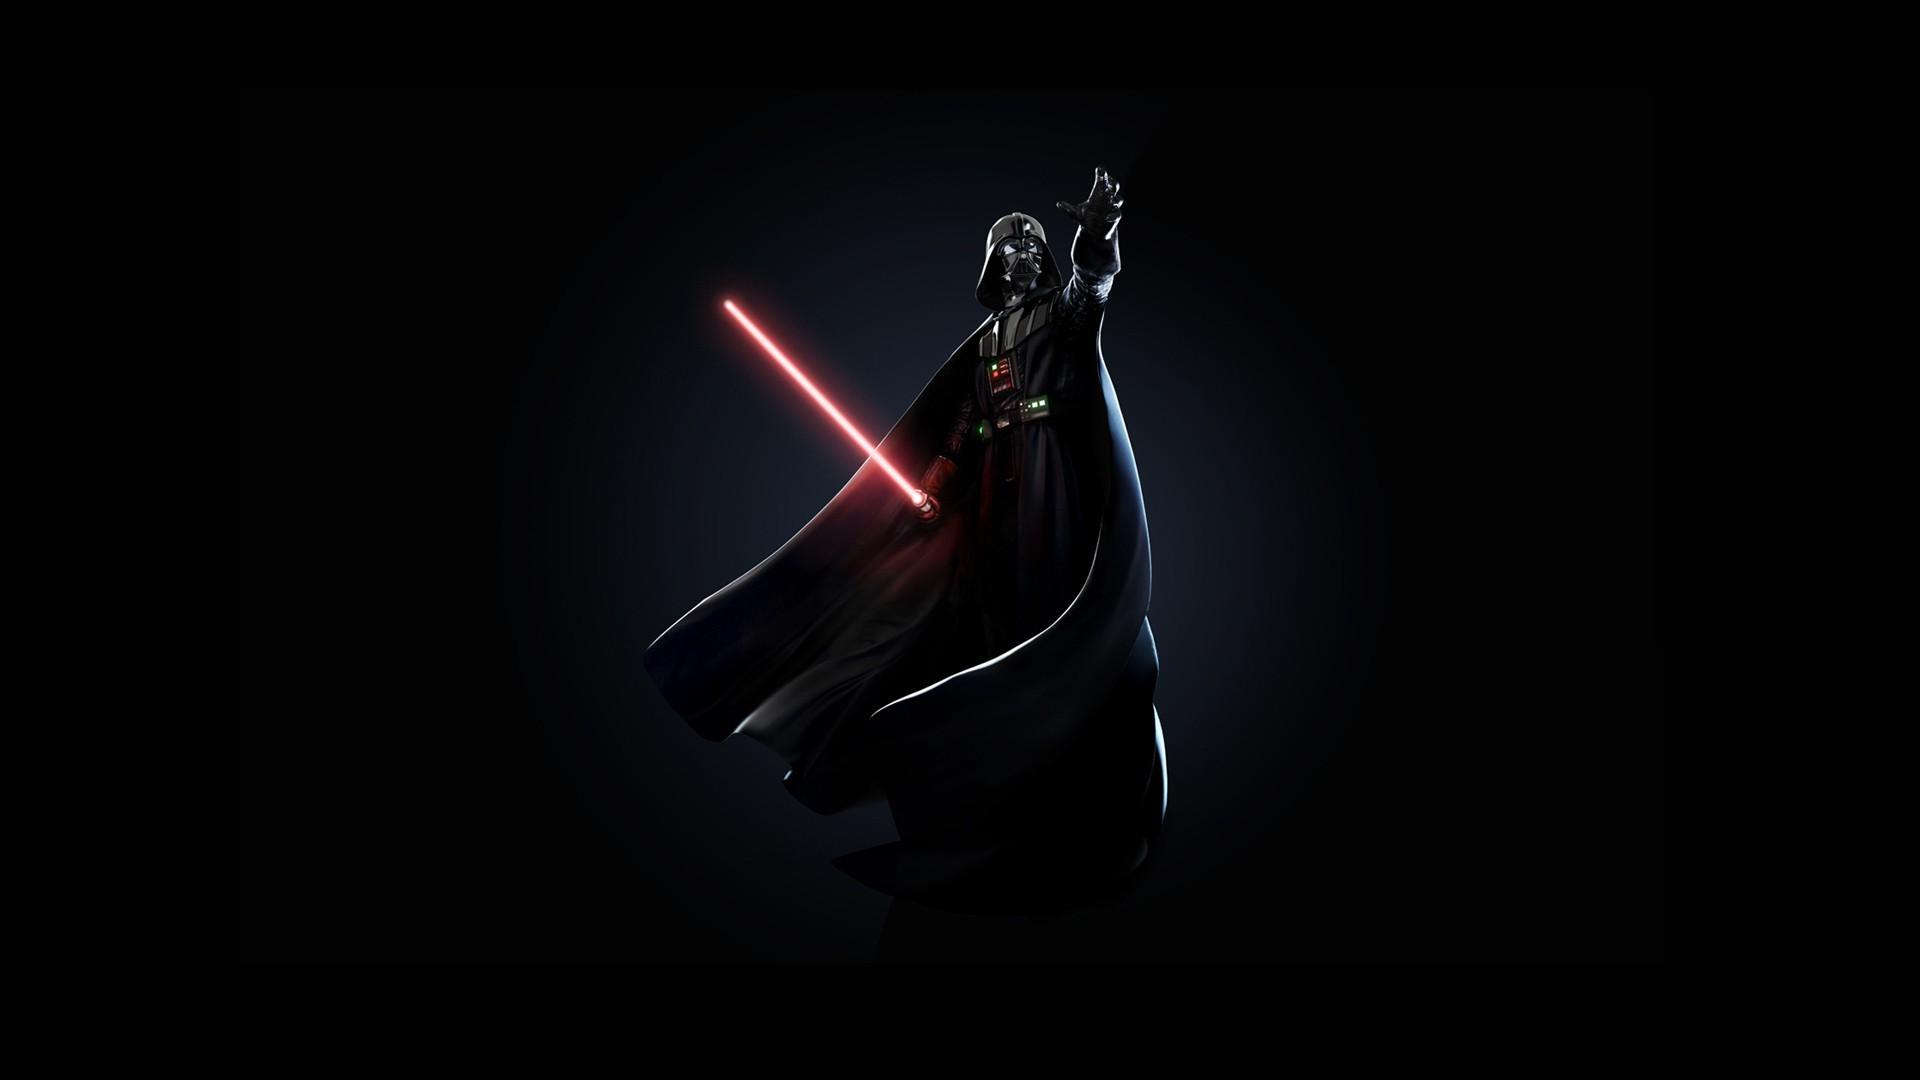 Darth Vader, Star Wars, Lightsaber Wallpapers HD / Desktop and Mobile  Backgrounds